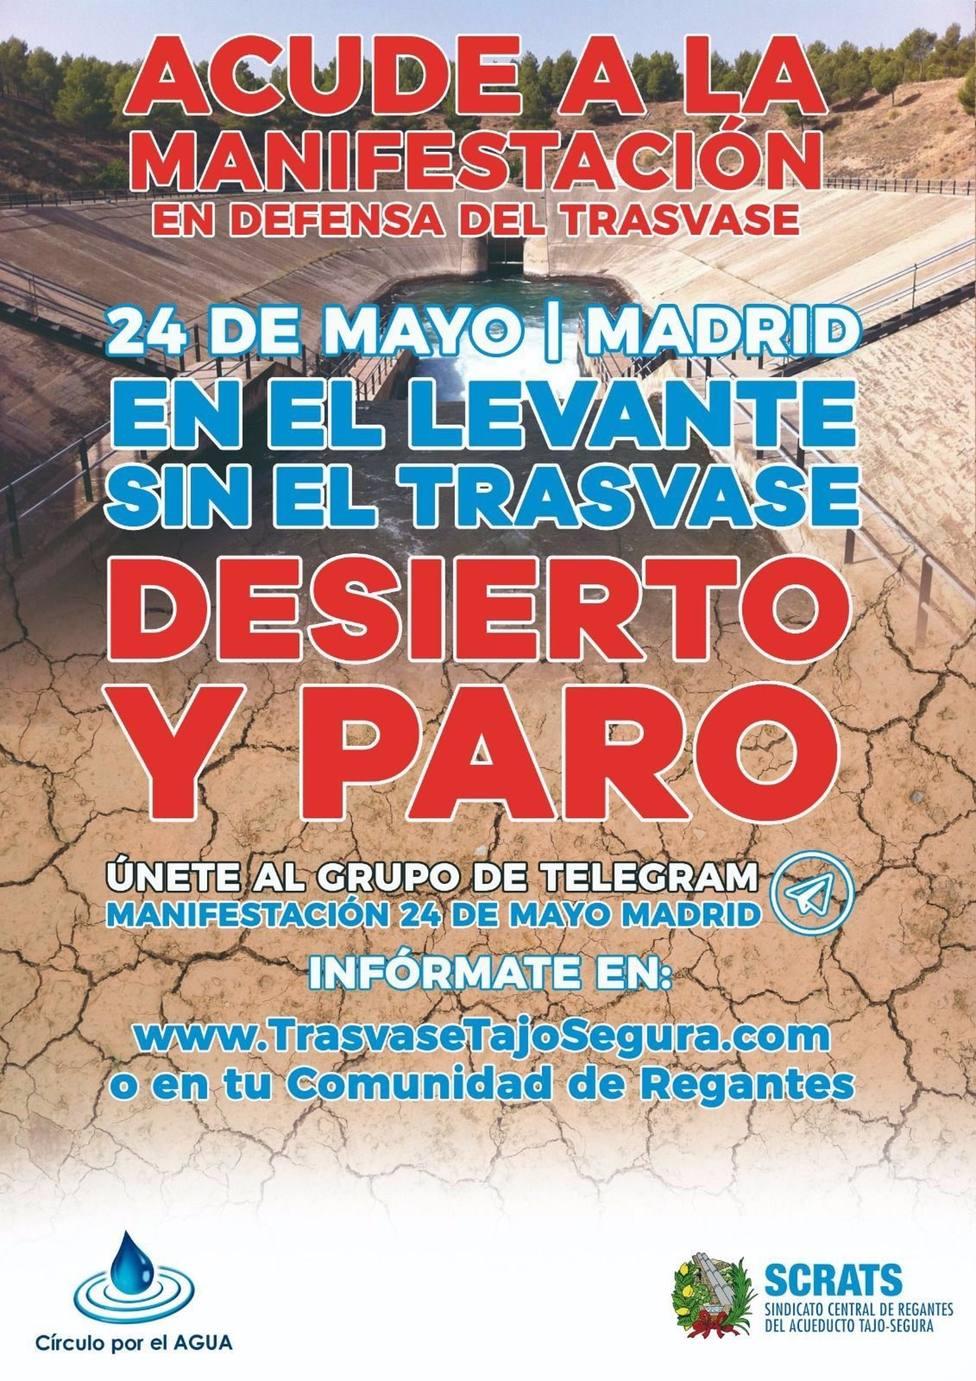 Manifestación en vehículos por Madrid del Srats como acto de protesta ante el cambio de reglas de explotación del Trasvase Tajo-Segura